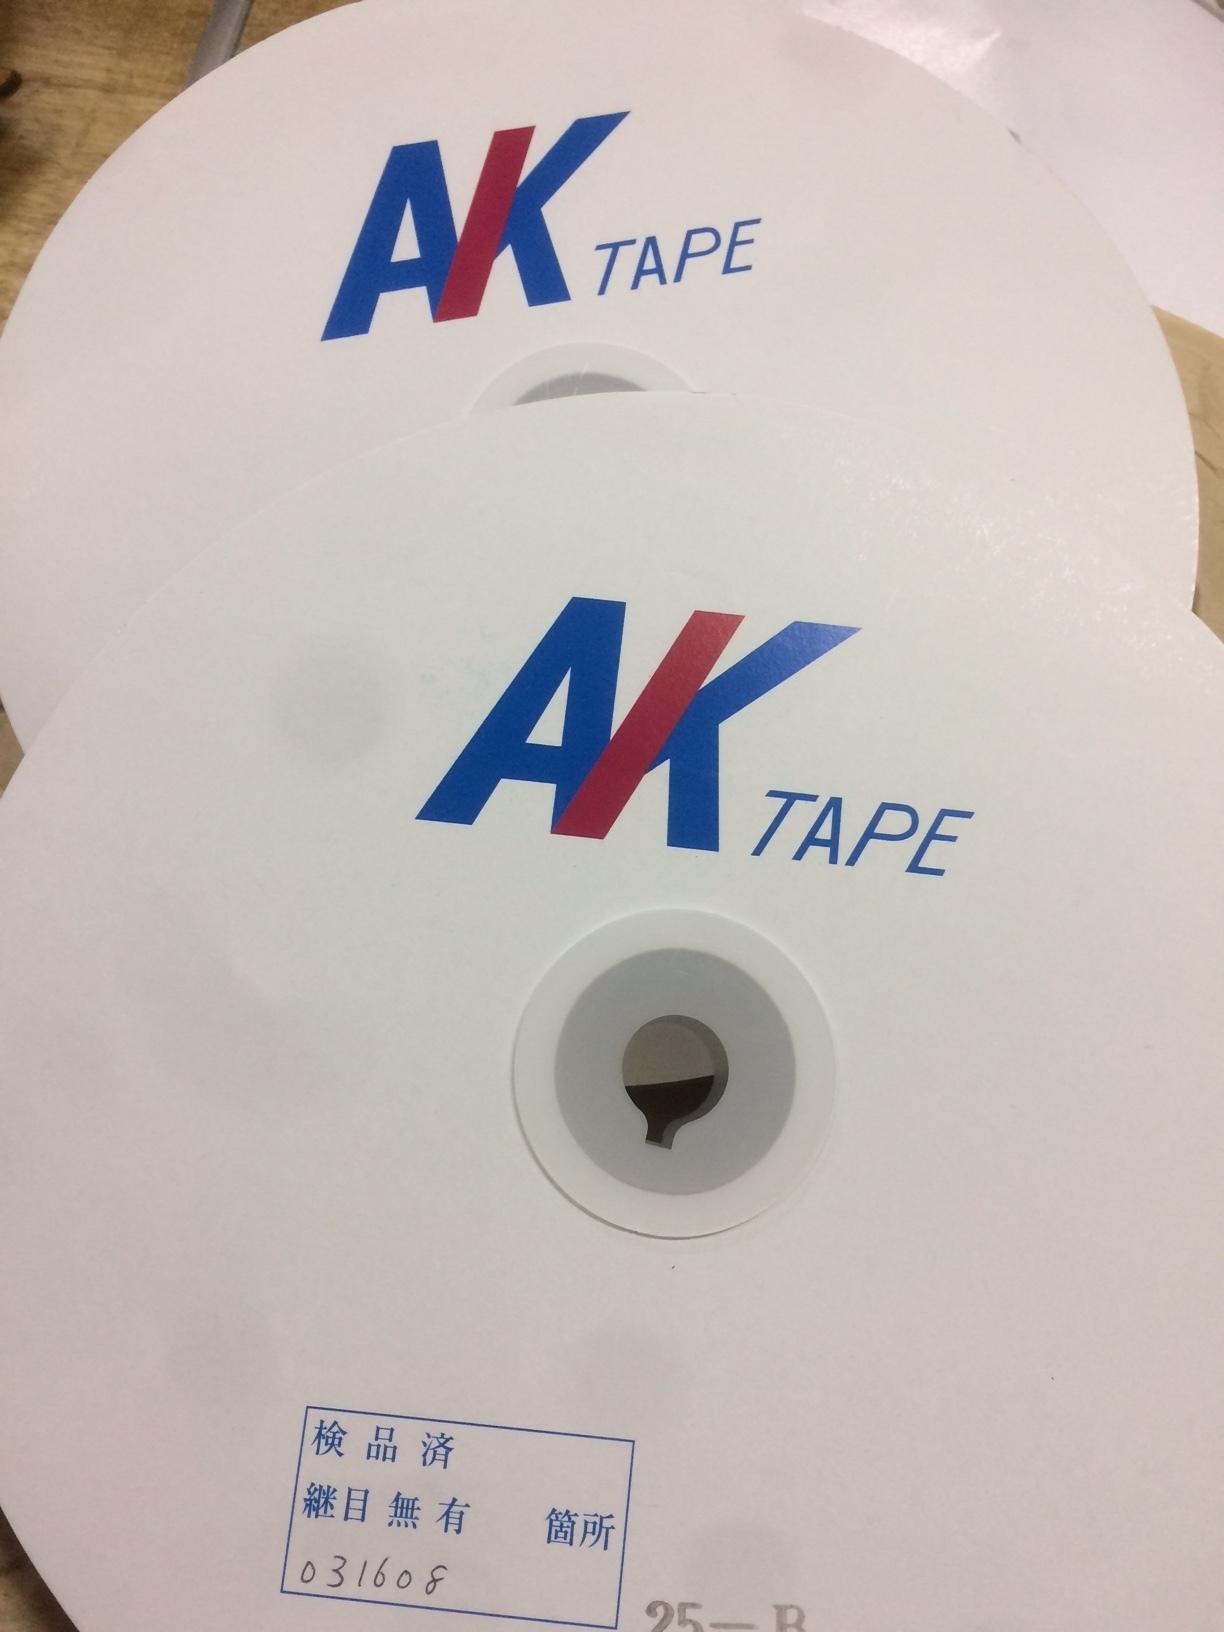 面ファスナー AKTape  10センチ幅(100㎜幅)  縫製用  黒 モヘア(メス)面  10cm単位